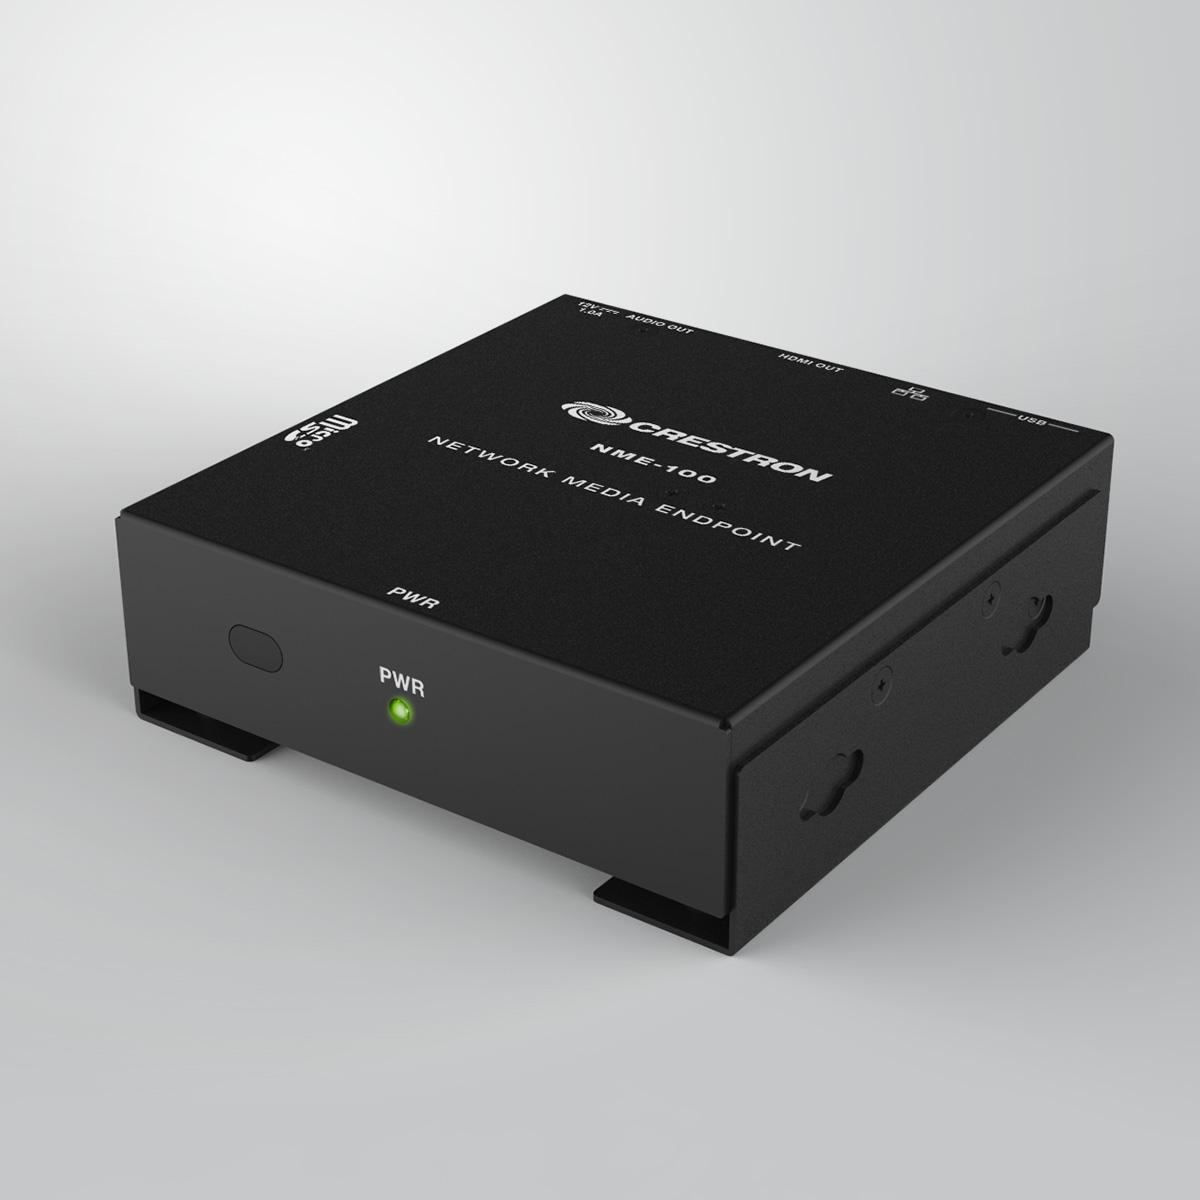 Crestron develó la nueva señalización digital y el nuevo reproductor multimedia